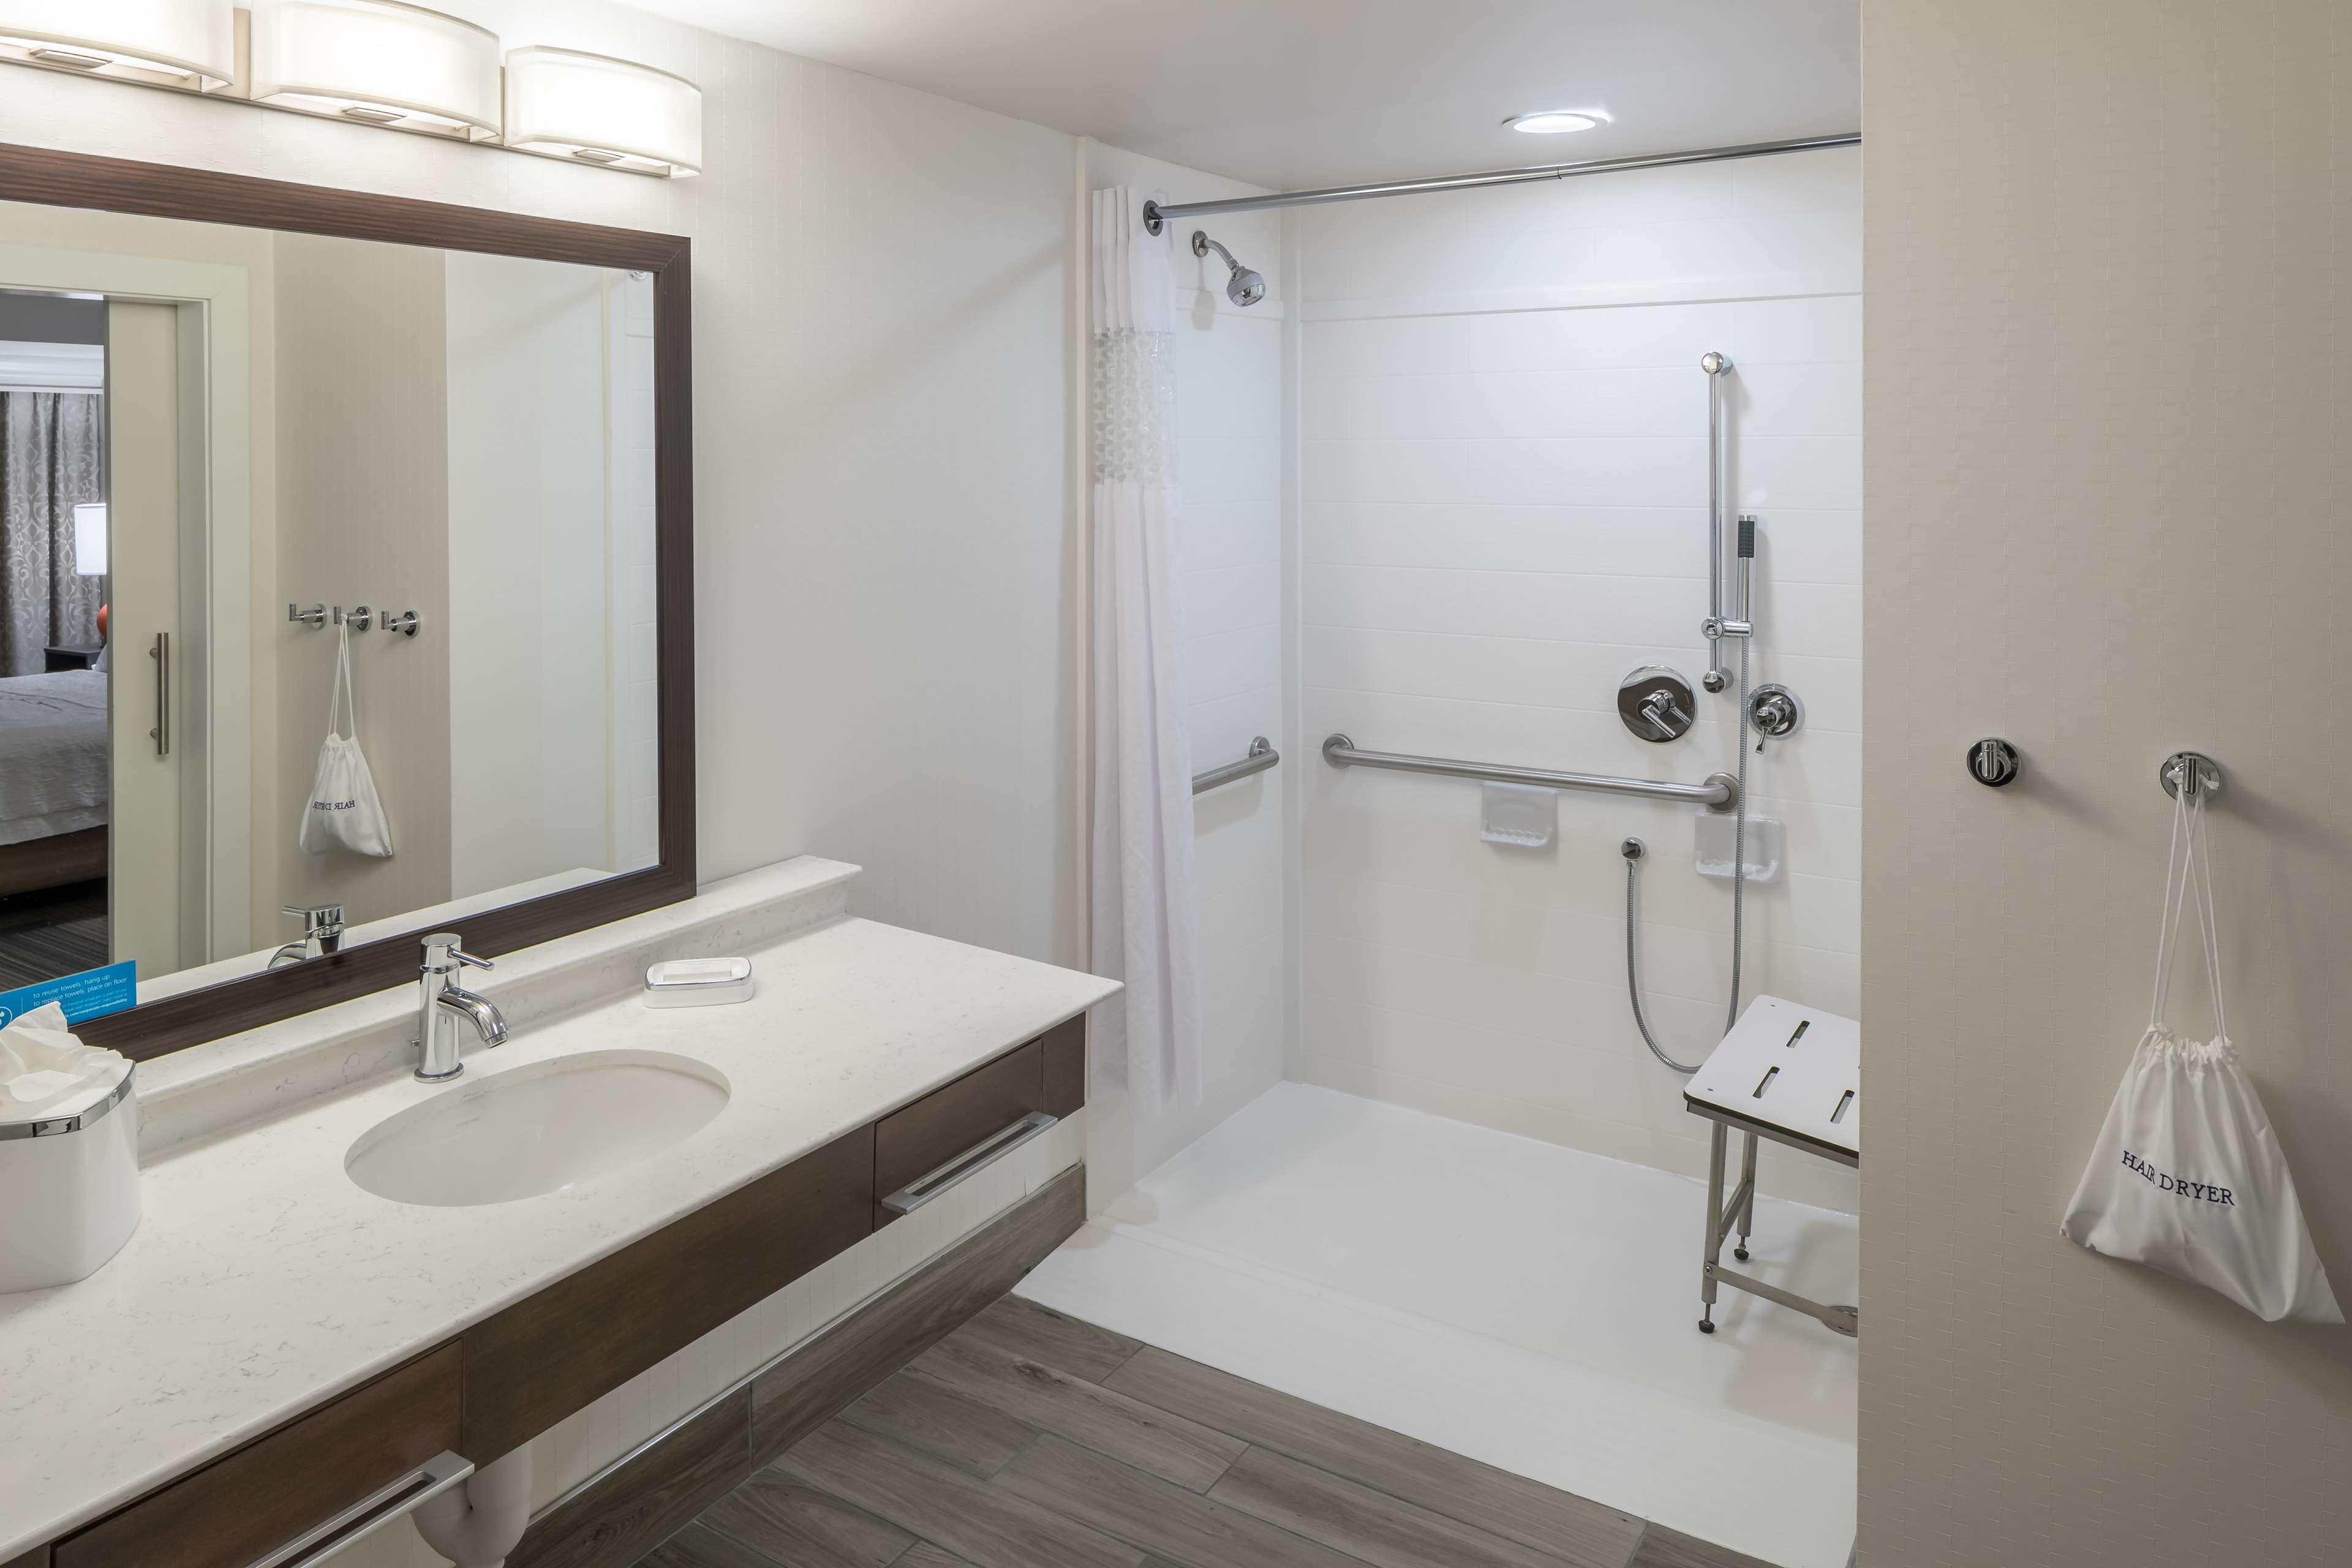 Hampton Inn & Suites by Hilton Atlanta Perimeter Dunwoody image 27